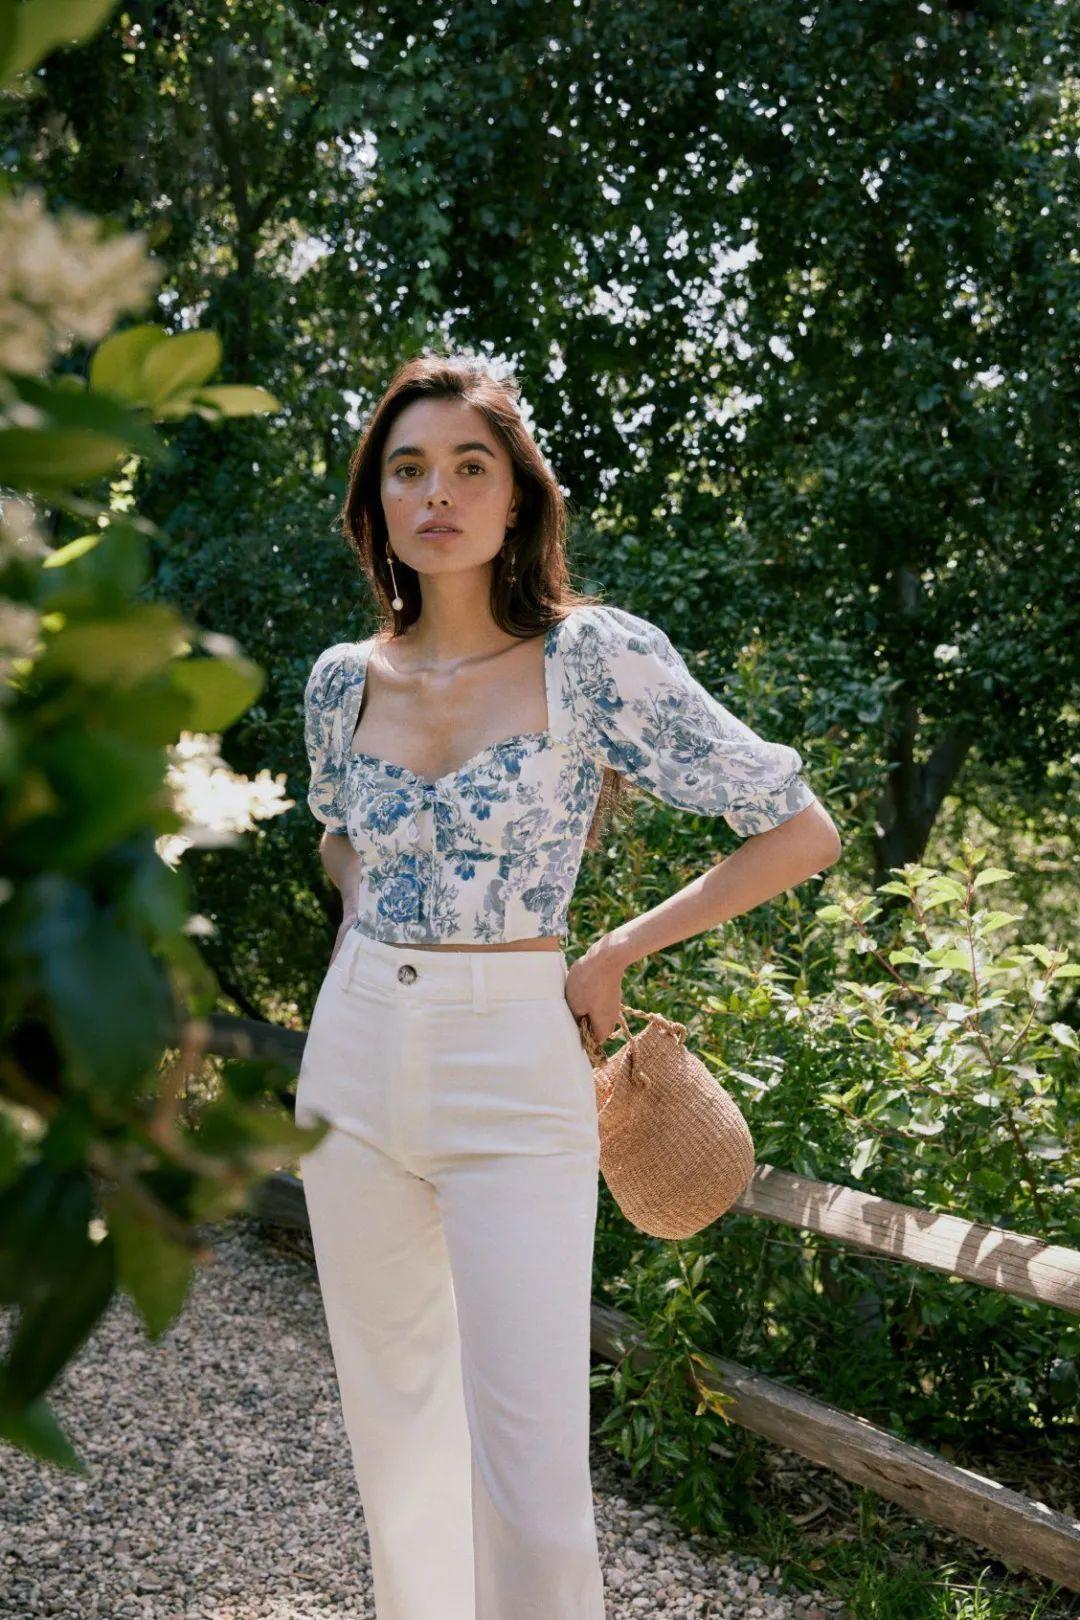 Áo blouse + quần jeans: Combo giúp nàng công sở trông sang như gái Pháp trong ngày Thu - Ảnh 7.